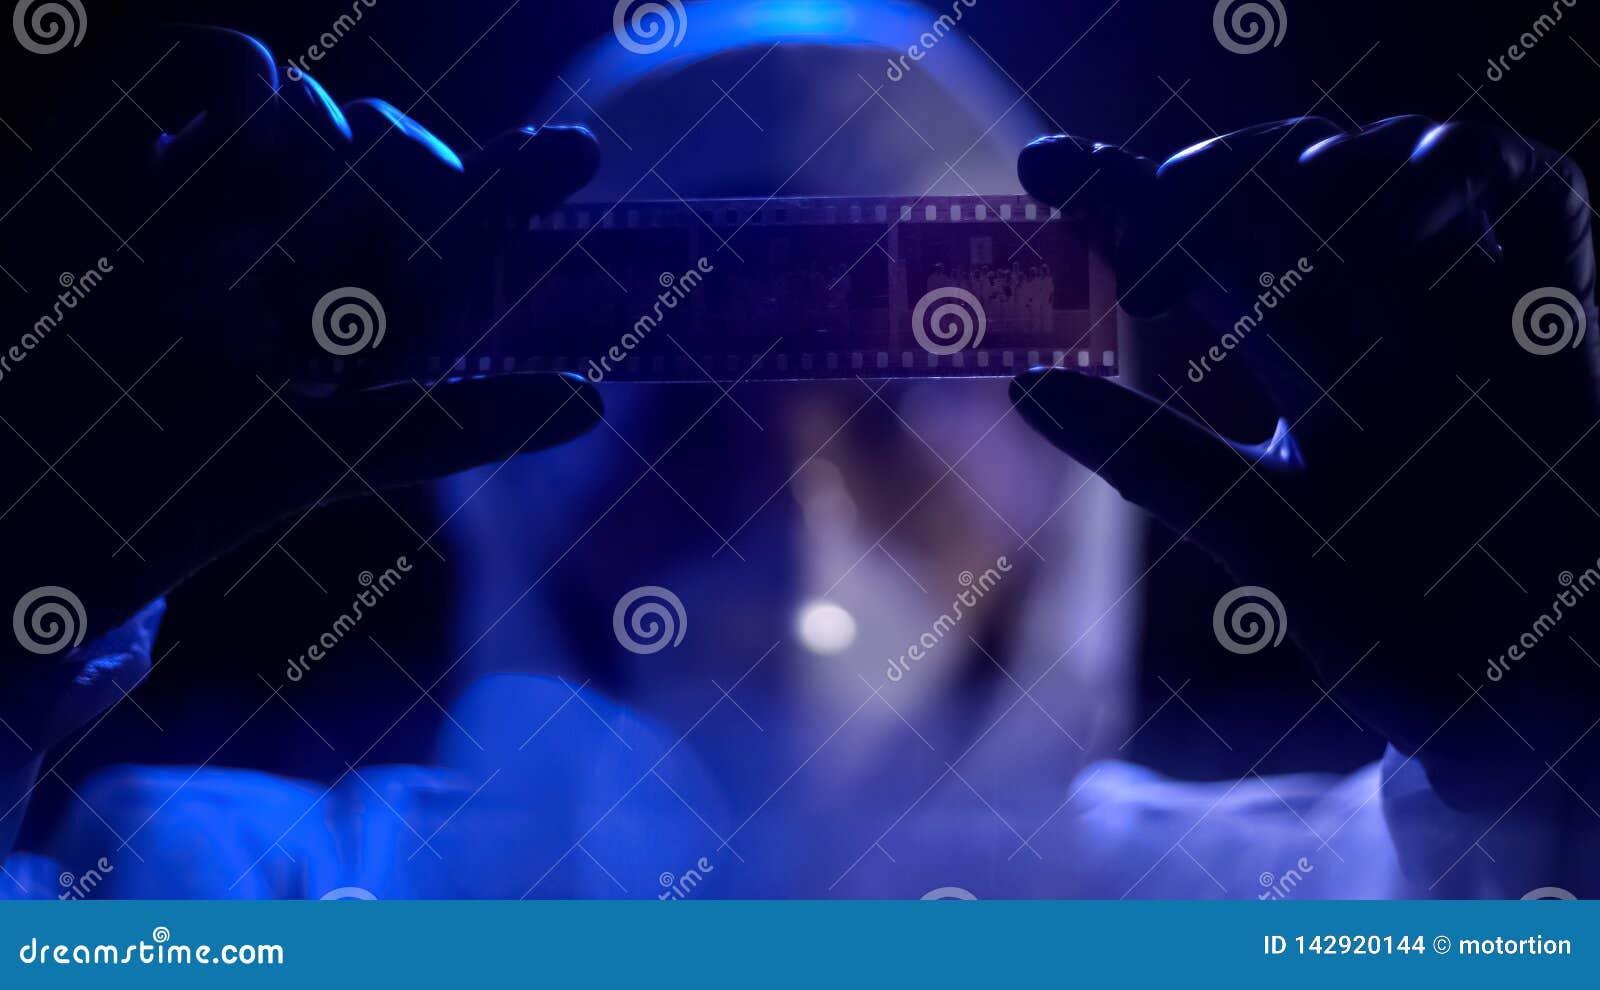 Tira de película de observación del ayudante de laboratorio, buscando pruebas contra criminal